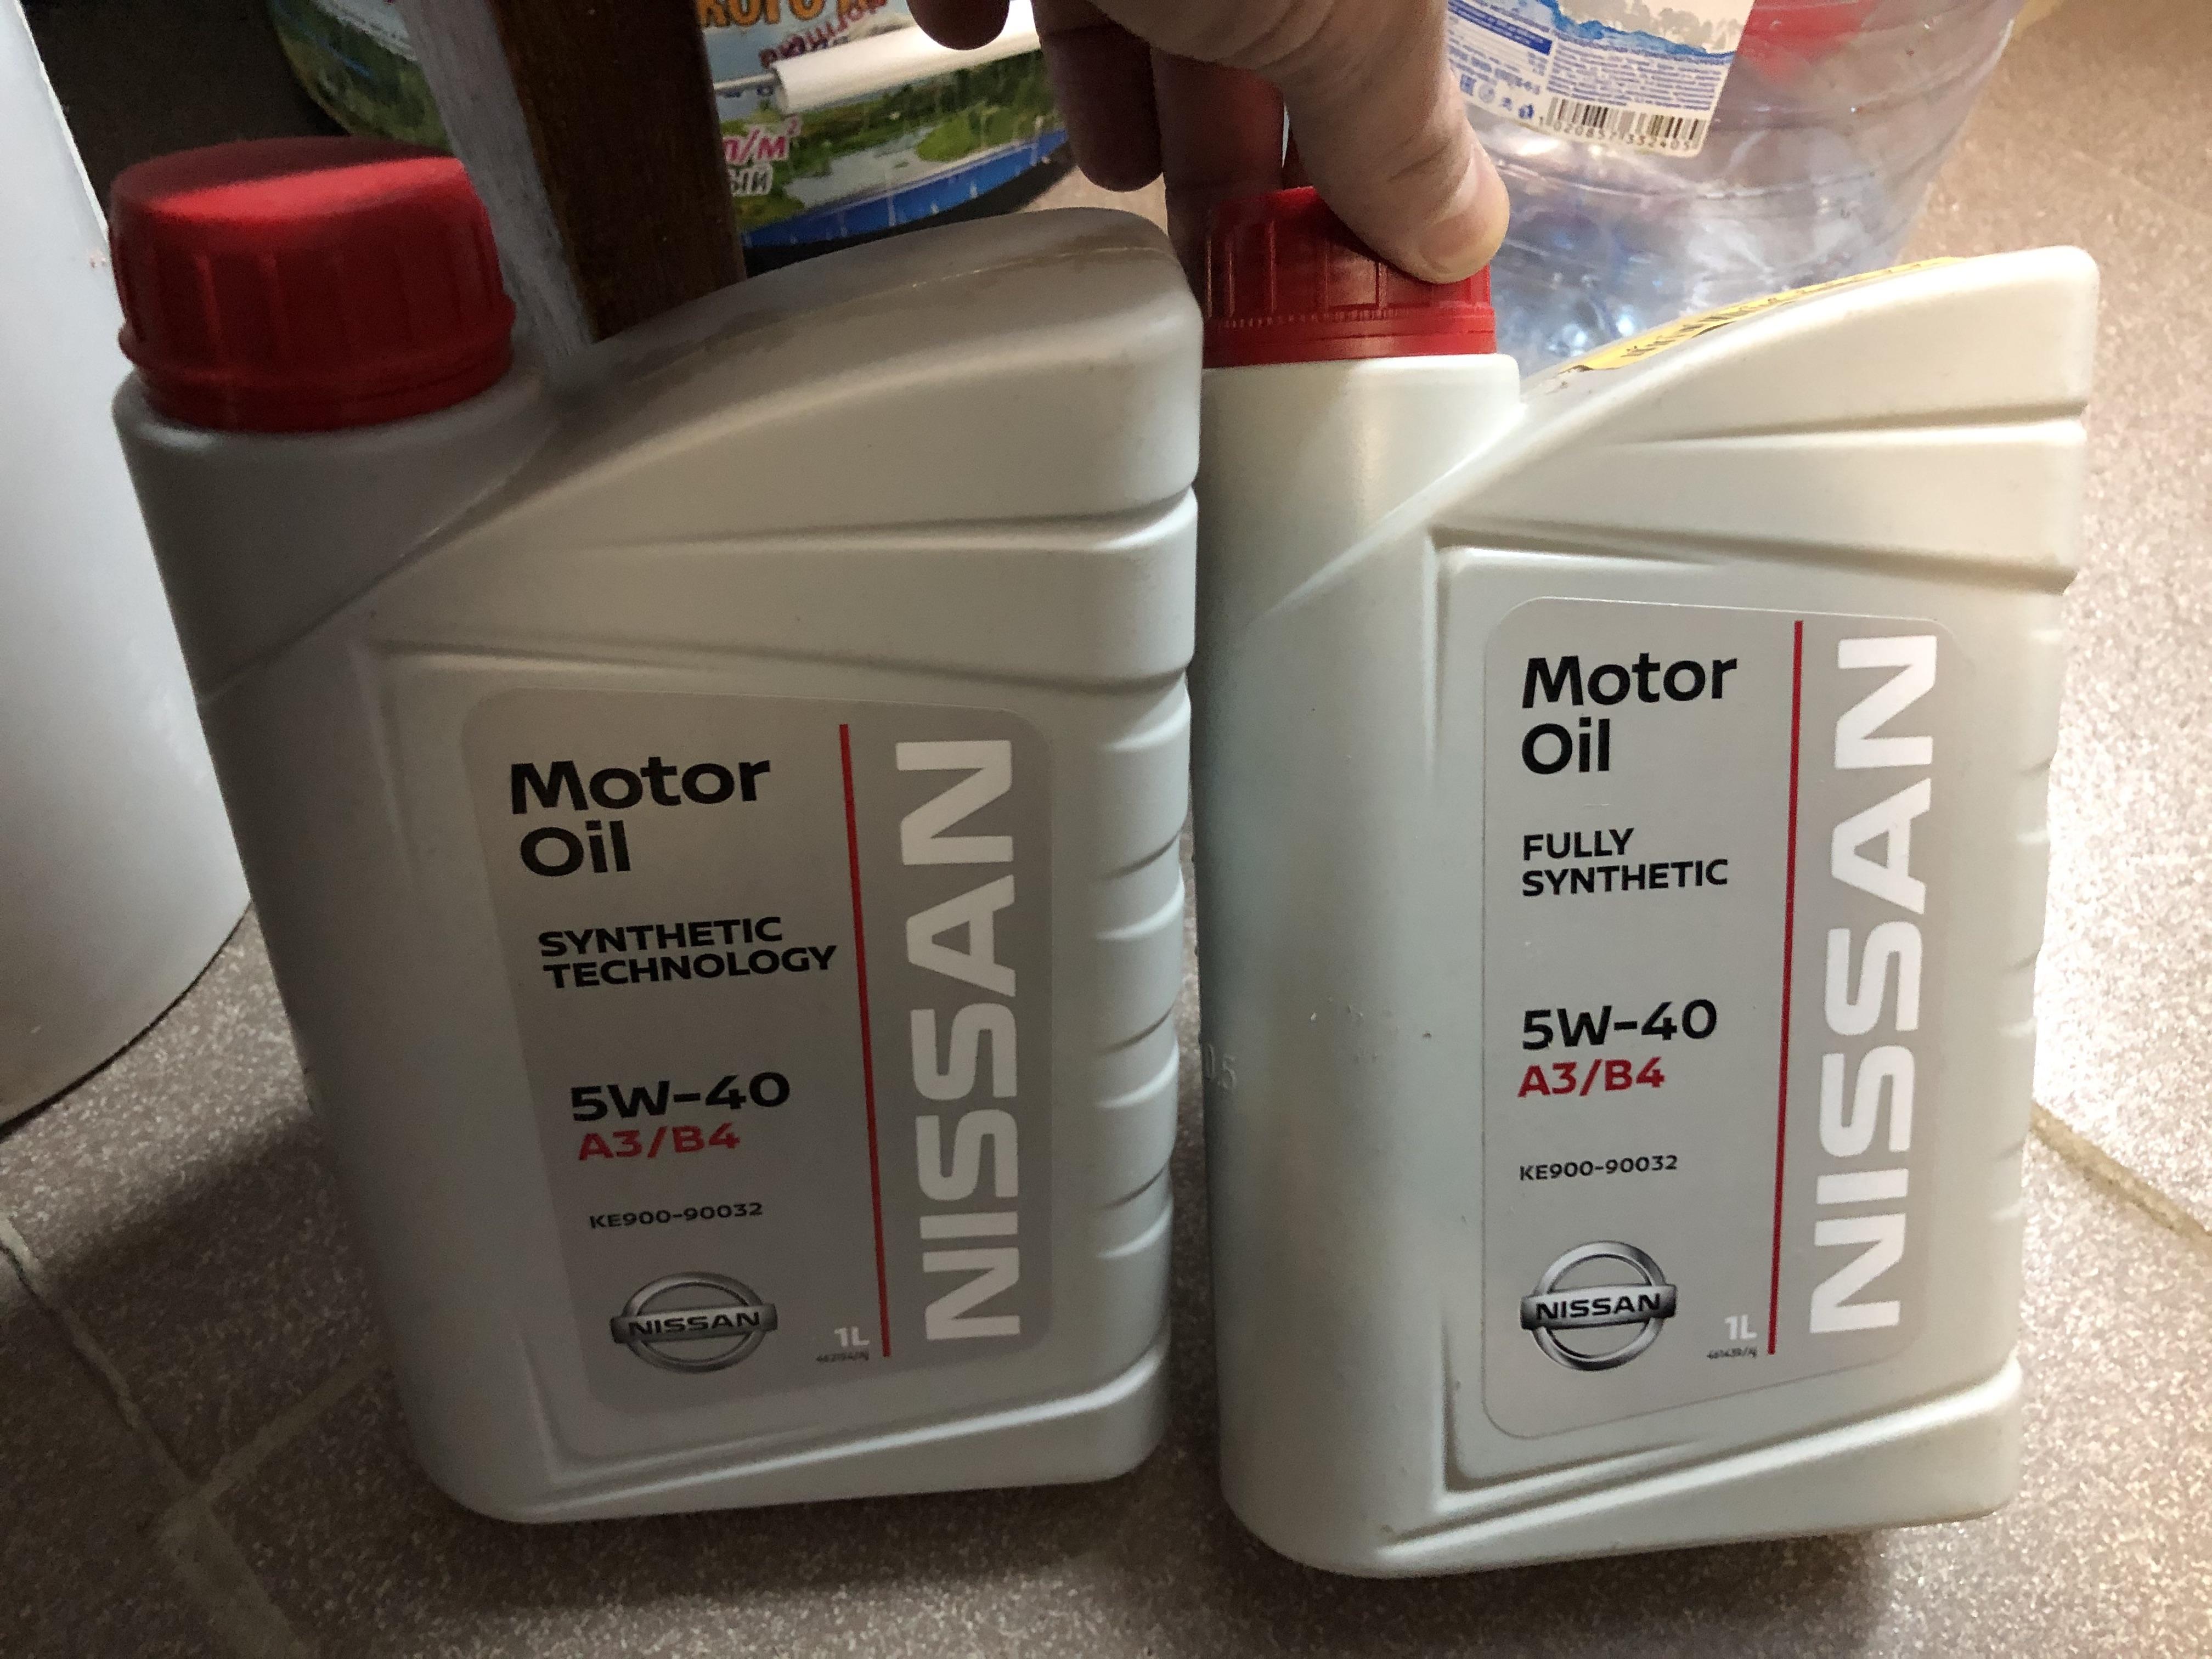 Сравнение двух упаковок масла